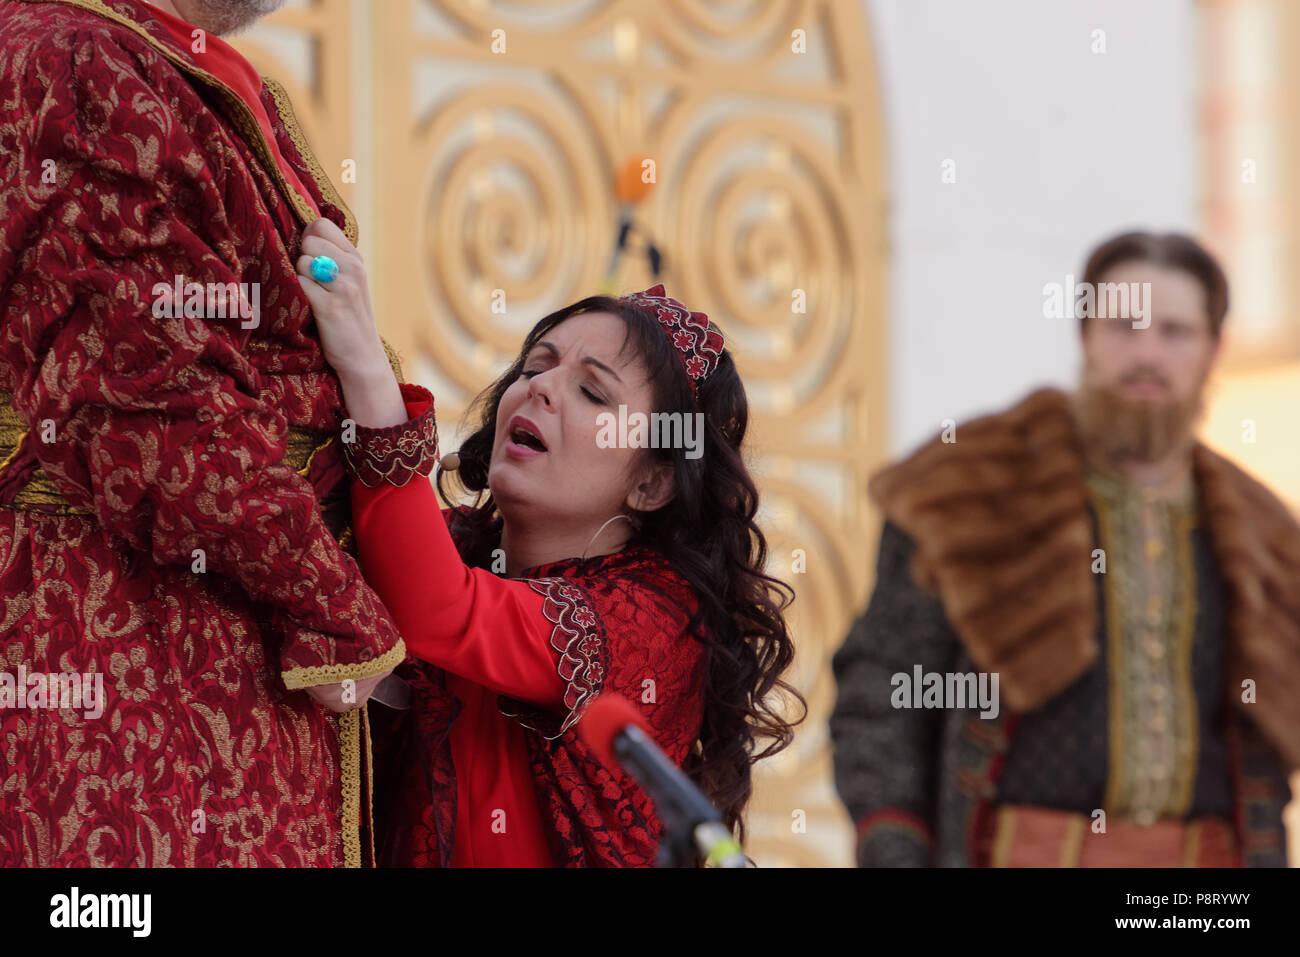 Opera D Art Stock Photos & Opera D Art Stock Images - Alamy